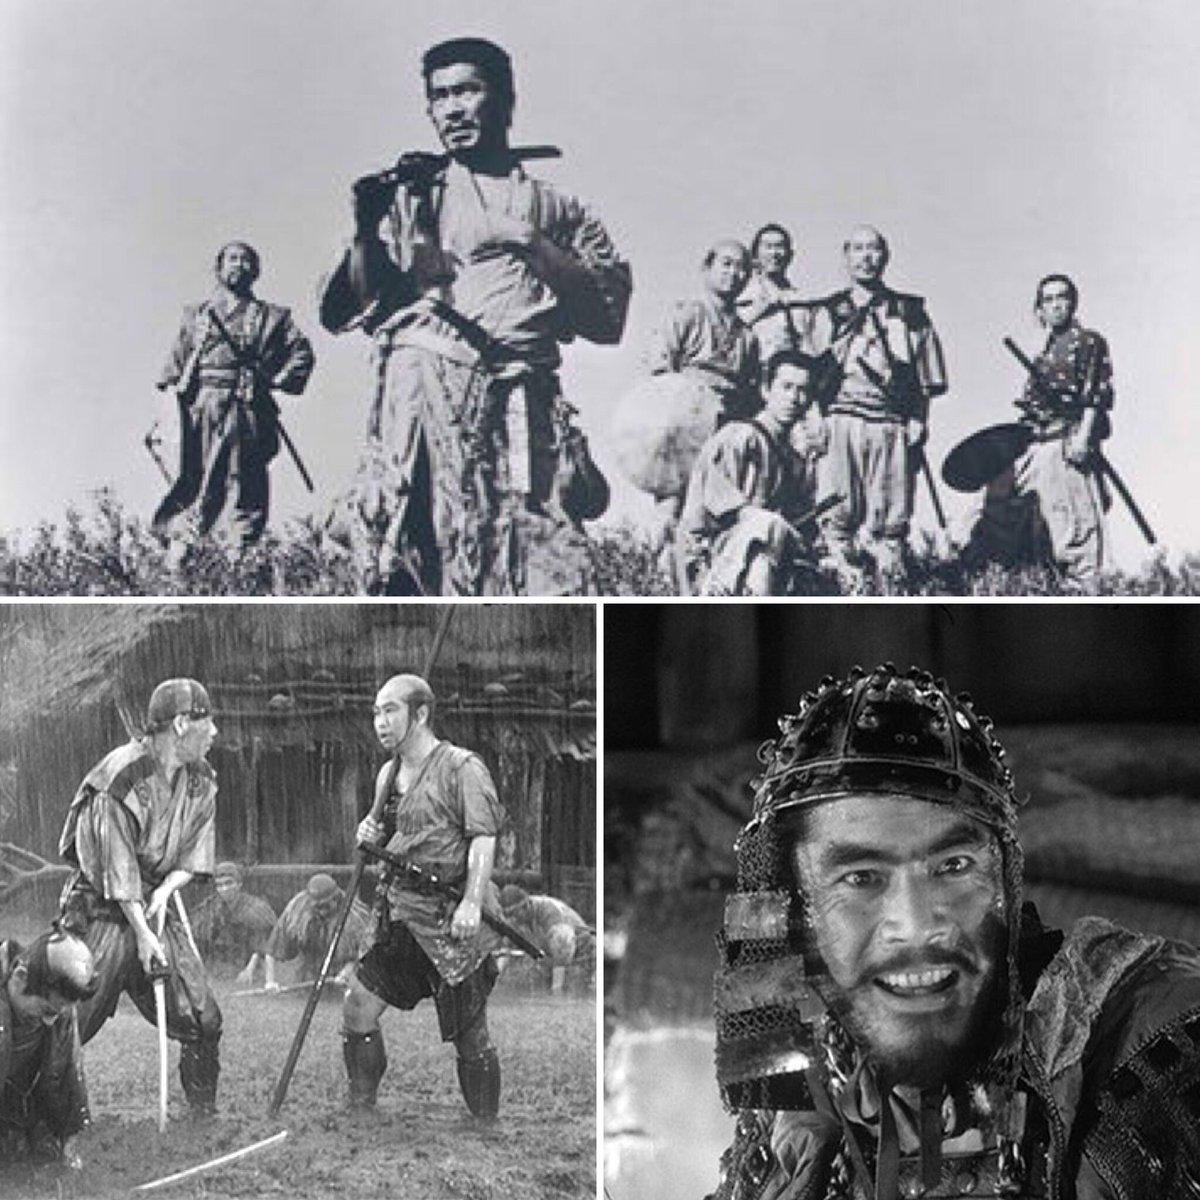 「七人の侍 」 言わずと知れた日本映画の最高峰。完全映画とはこの作品の事か。3時間半の長尺を感じさせない演出、カメラワーク、美術、リアリズム、アクション、スケールの大きさ、制作費、etc 。まさに空前絶後。 #1日1本オススメ映画 https://t.co/rJb6ilGwEx